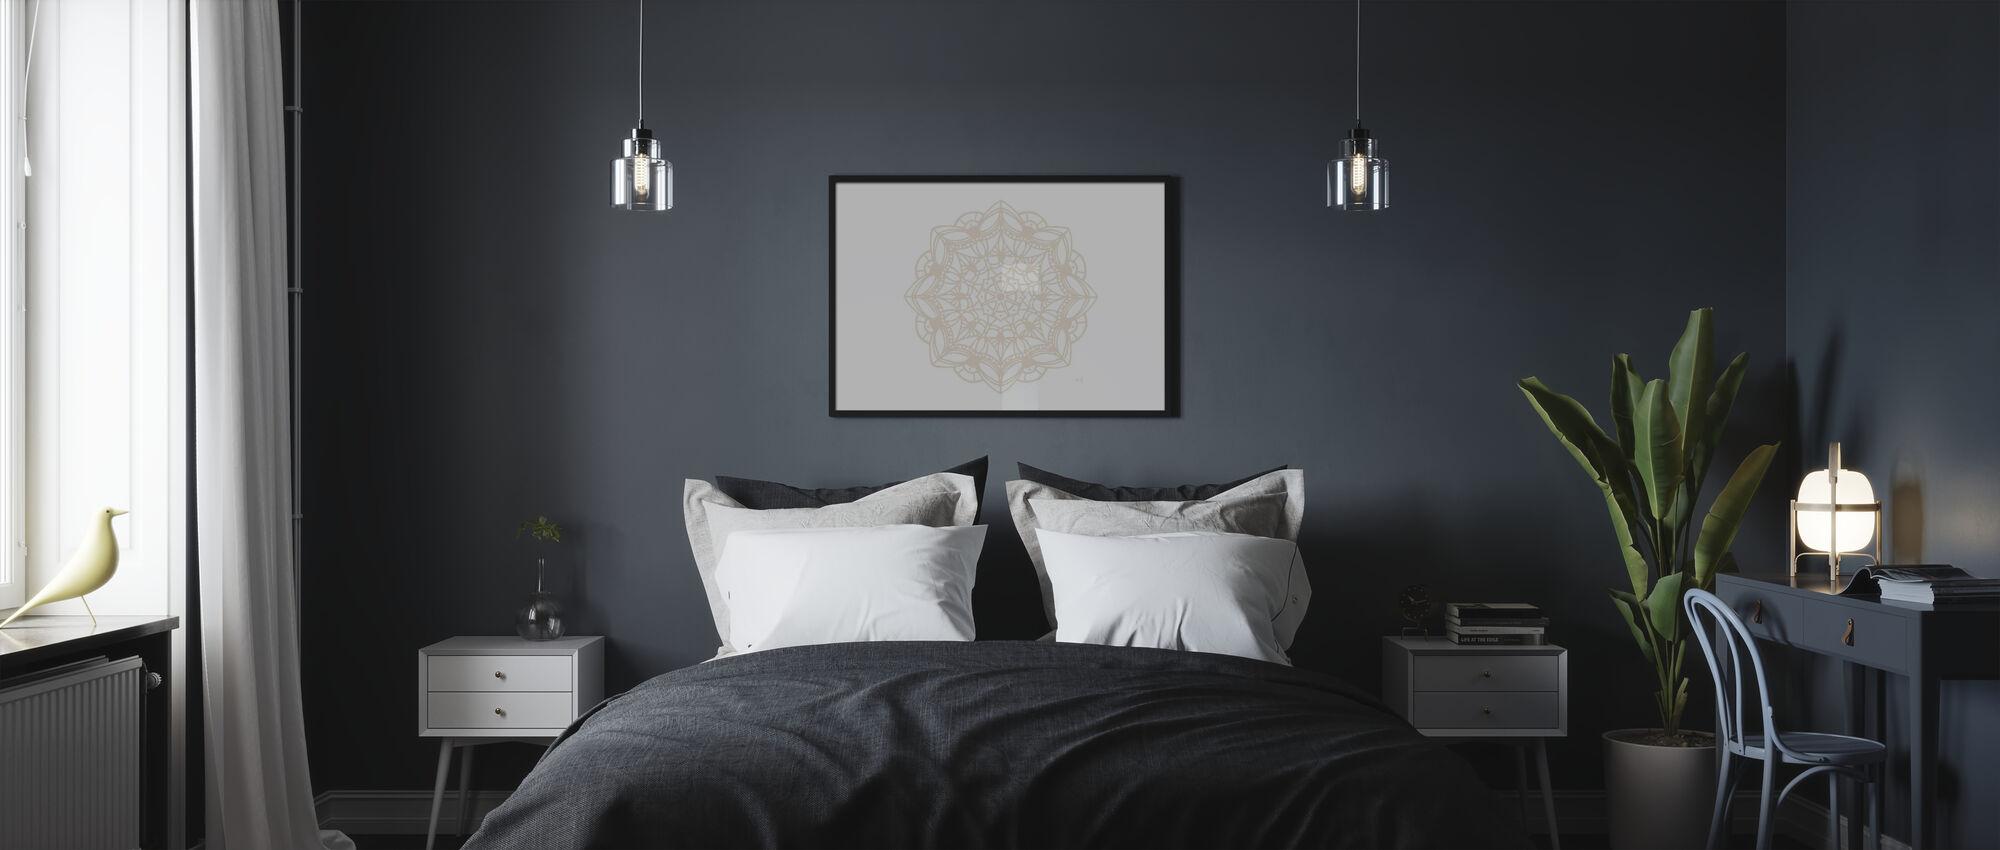 Hedendaagse Kant Neutraal II - Poster - Slaapkamer